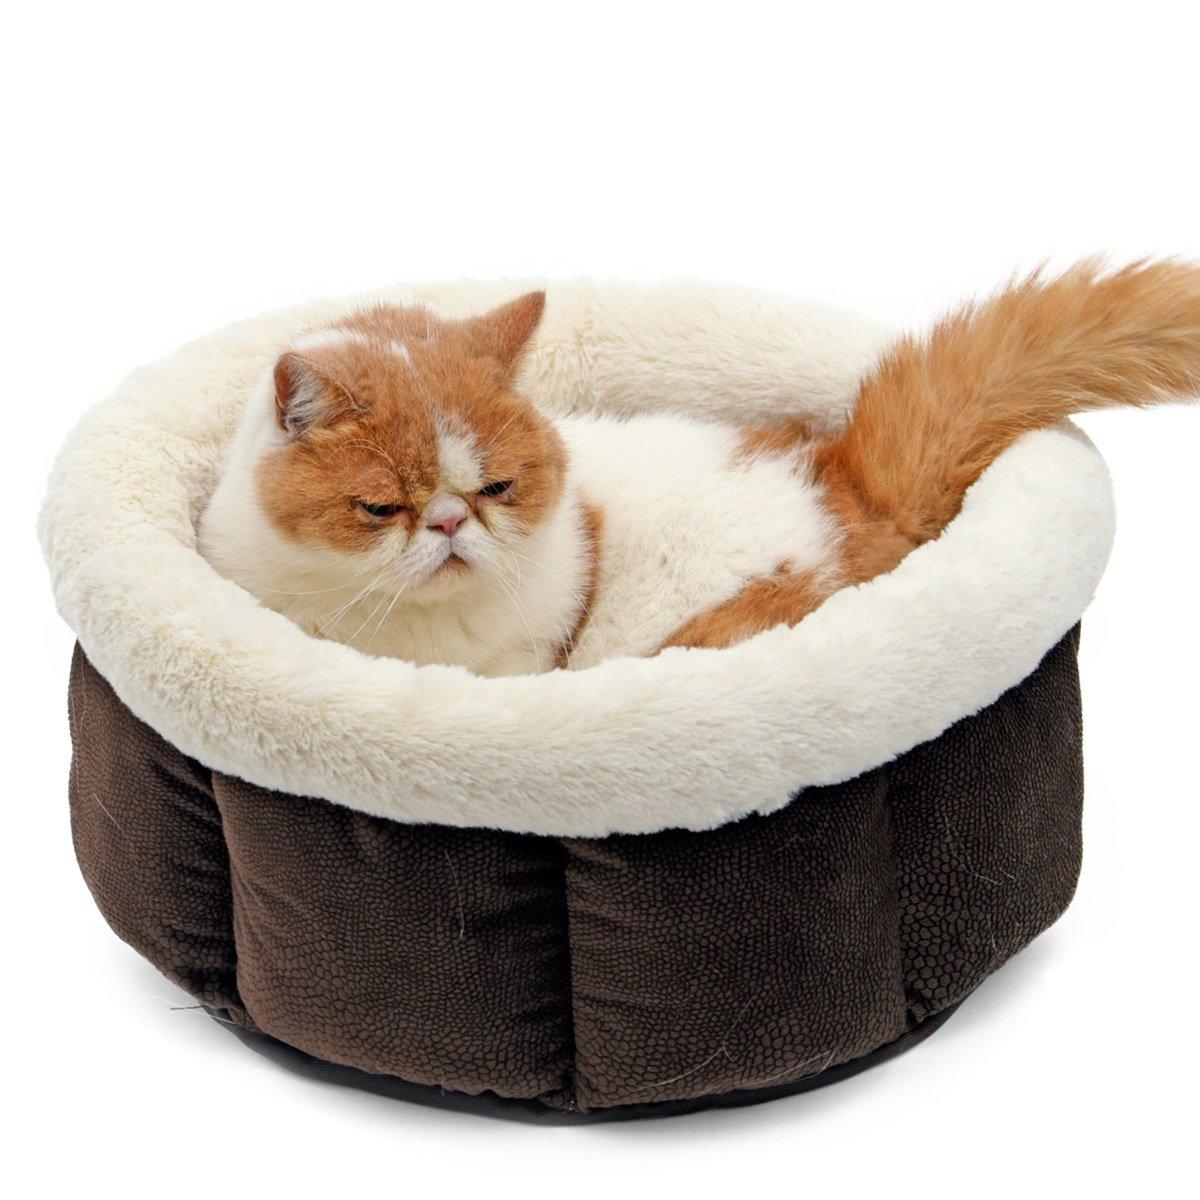 Speedy mascota perro gato cama forro polar suave mascota gato cueva para animales pequeños: Amazon.es: Productos para mascotas